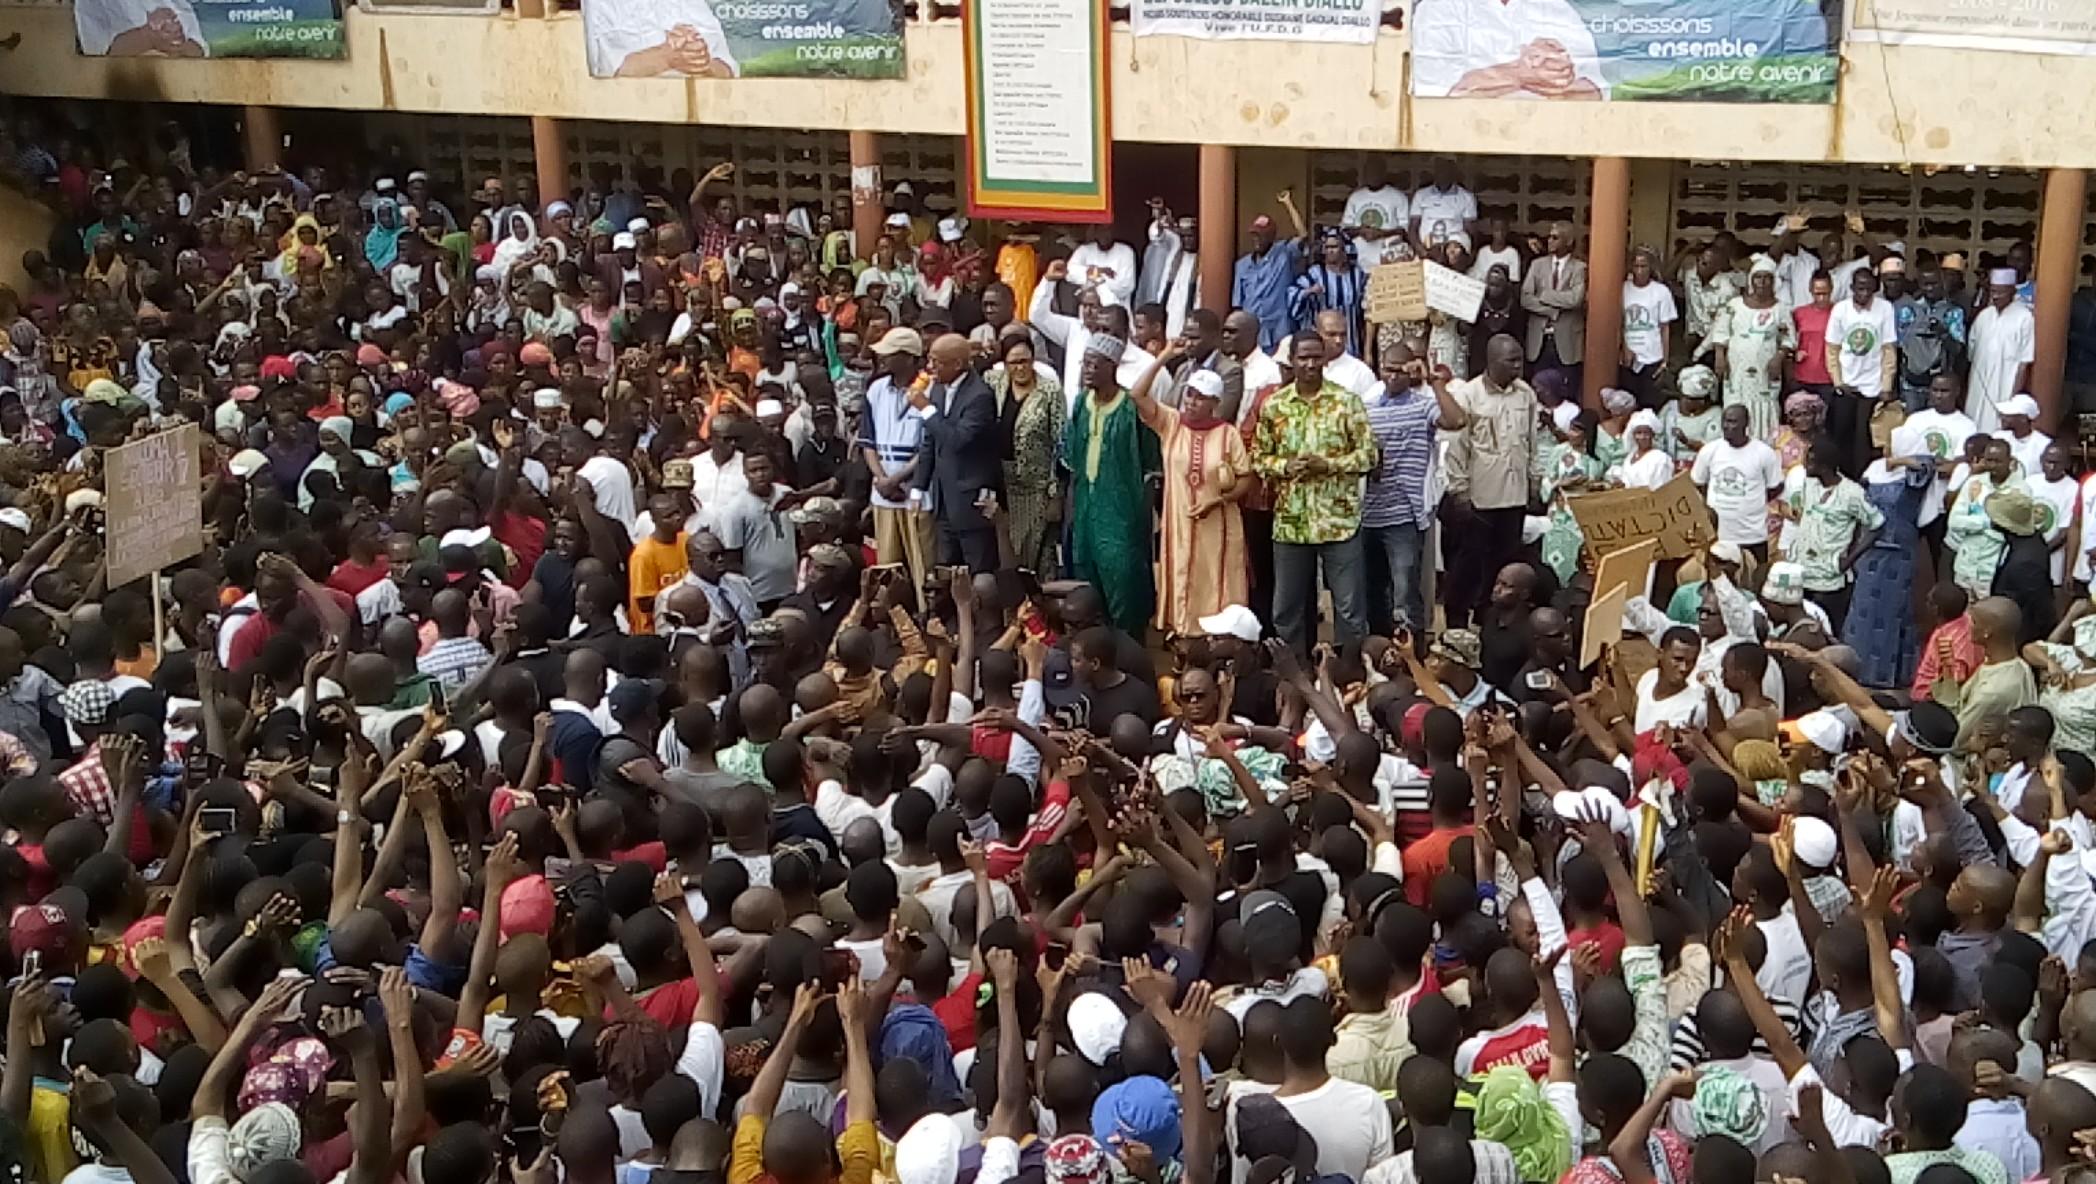 RAPPORT EIU : Quels sont les pays africains les plus démocratiques?